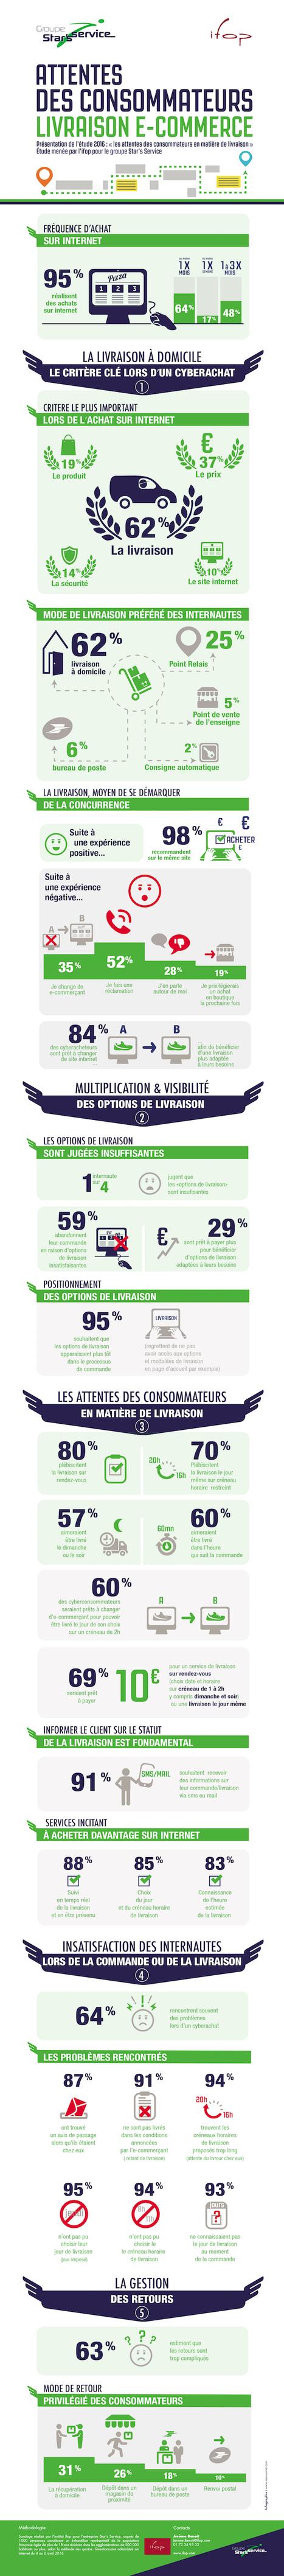 Les attentes des consommateurs en matière de livraison   Les infographies !   Scoop.it